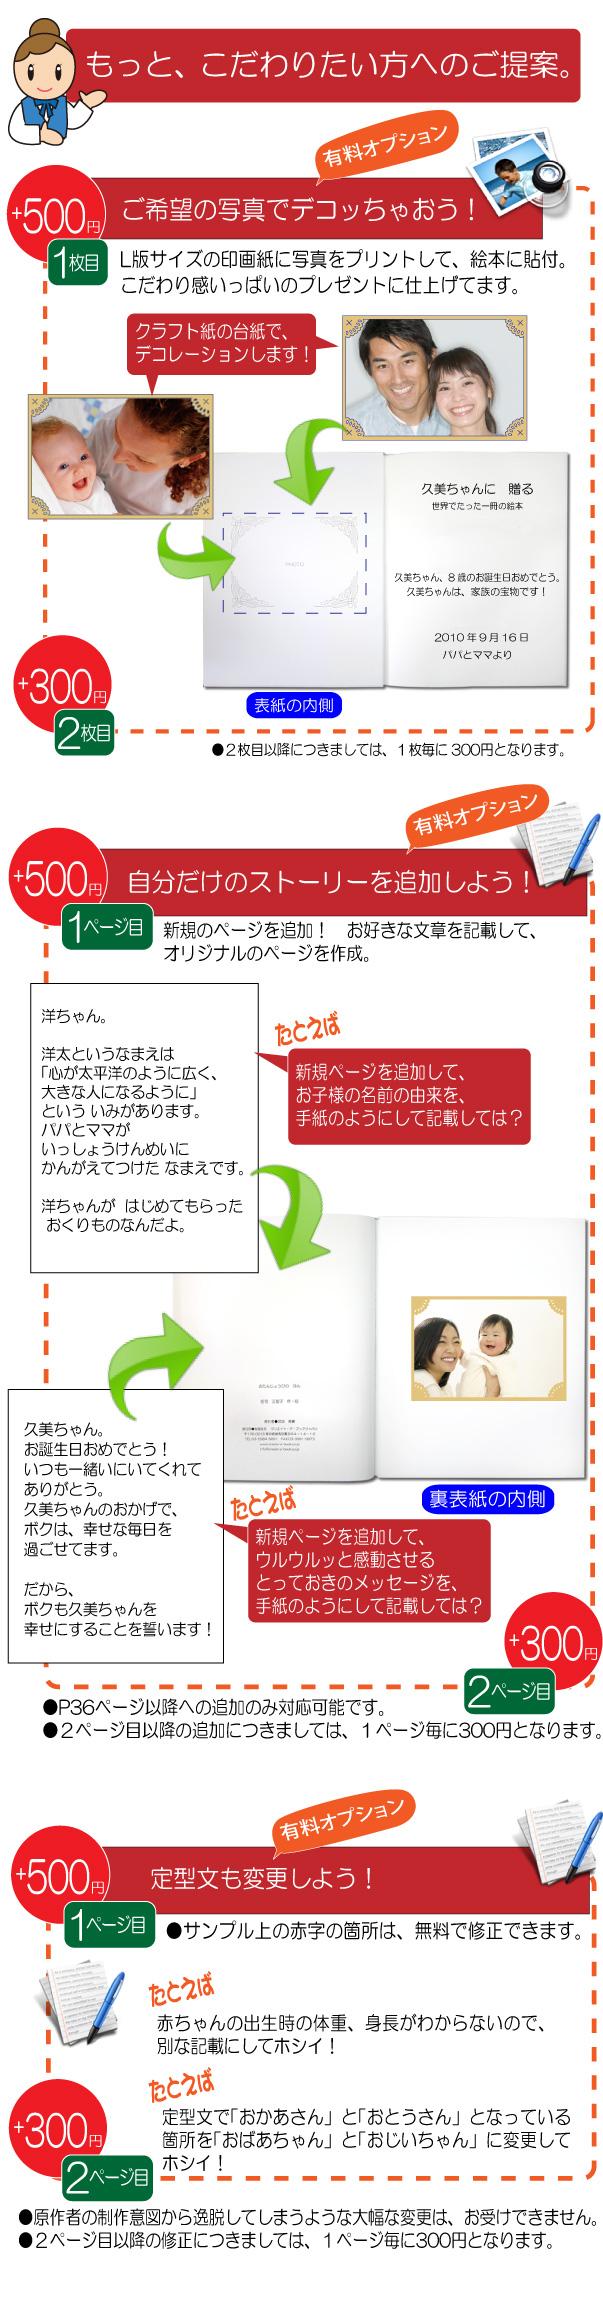 オーダーメイド絵本「恐竜の国での冒険」をカスタマイズ!